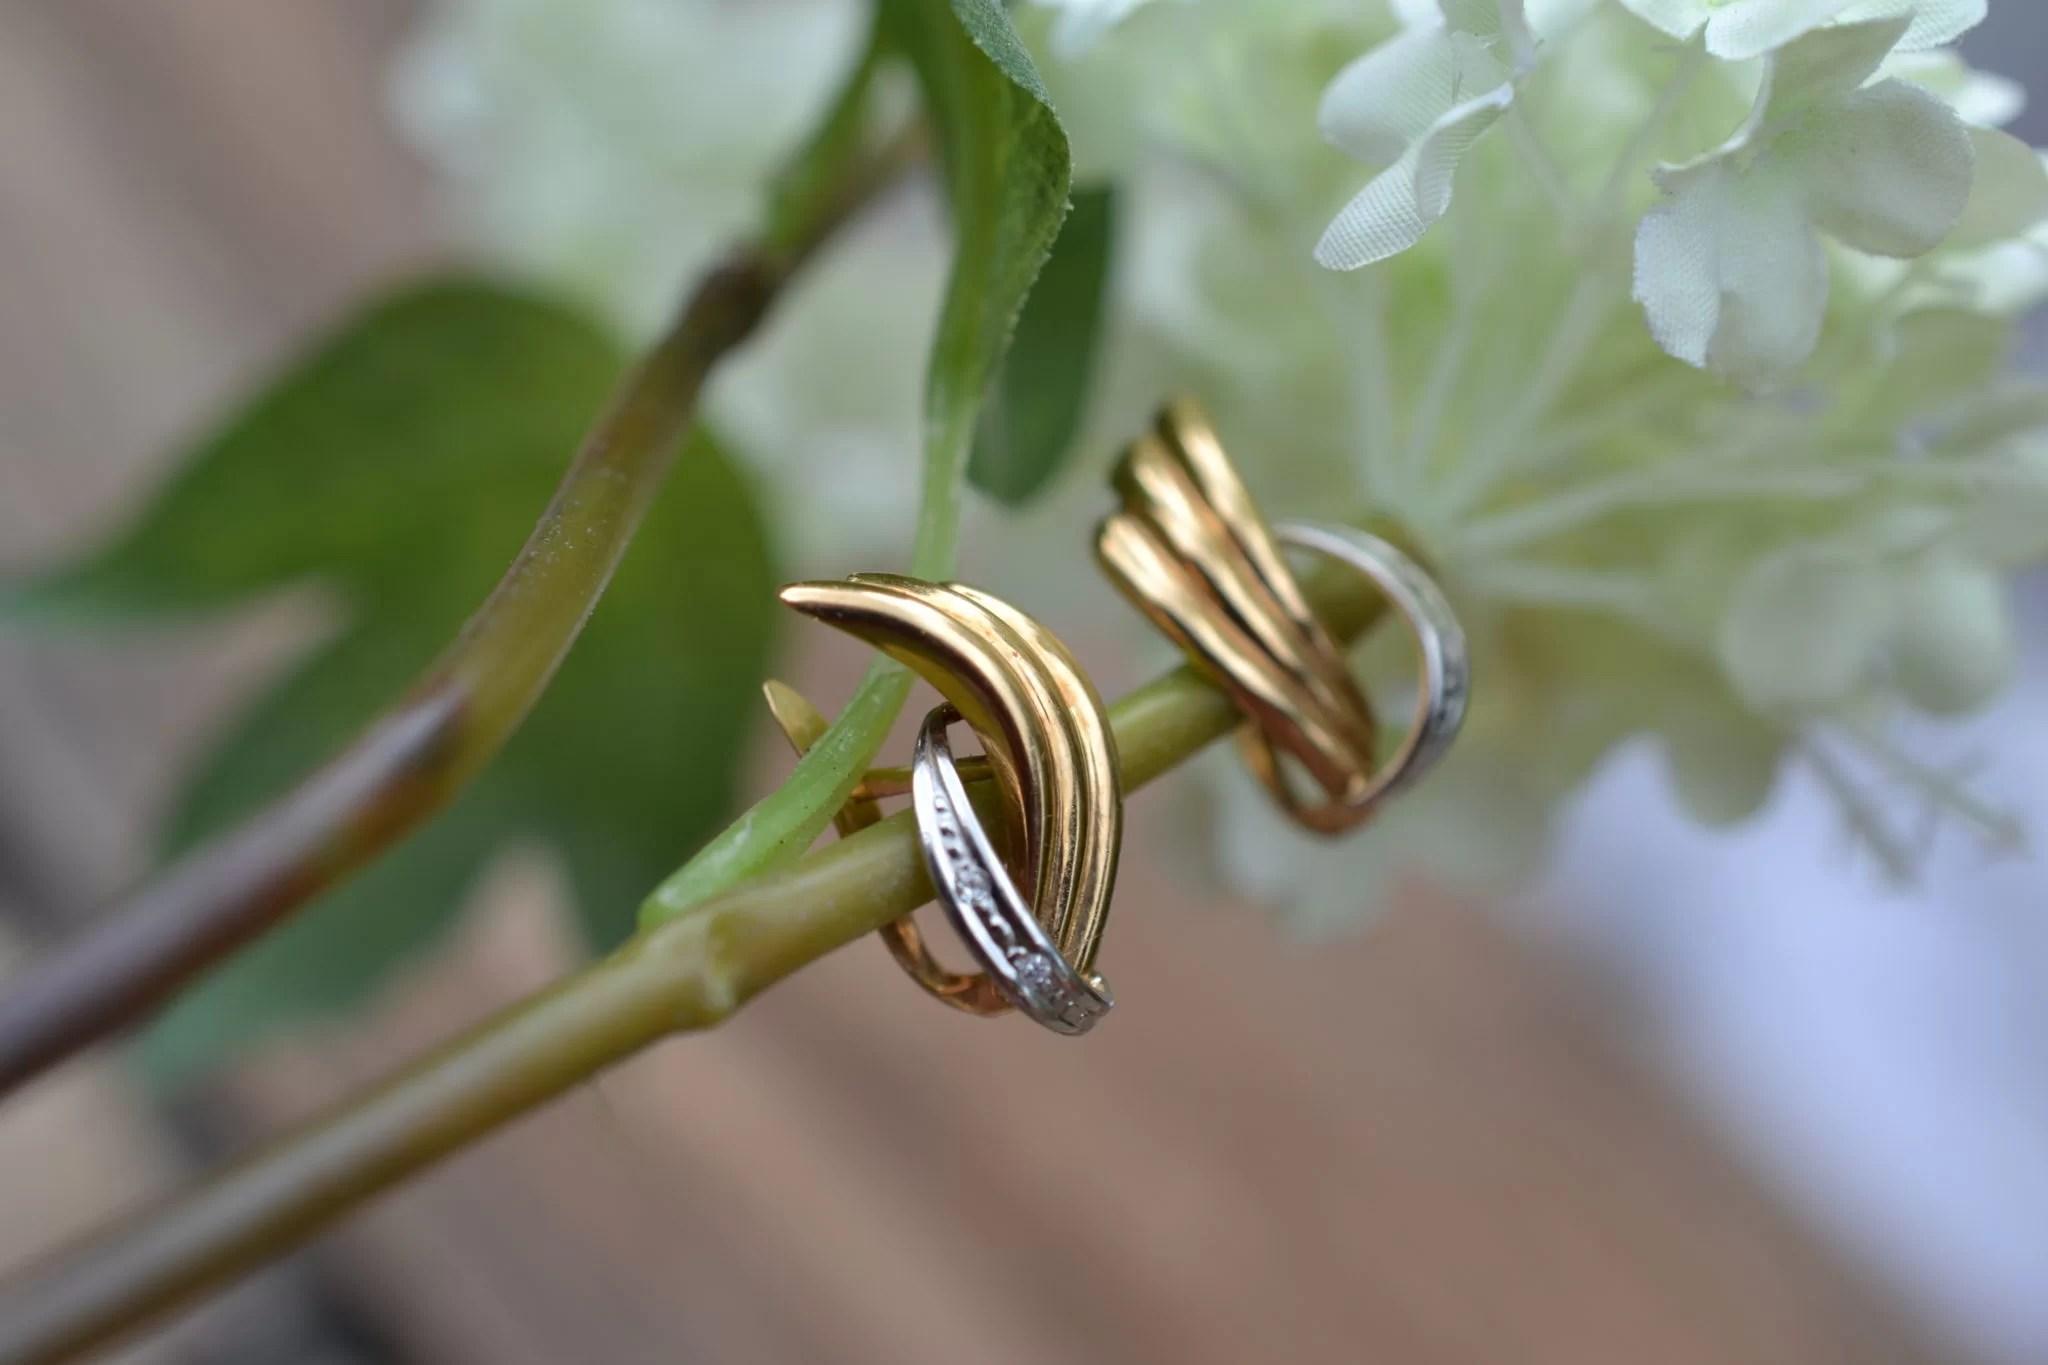 boucles d'oreilles anciennes en Or jaune et or blanc 18 carats - boucles d'oreilles pour mariage zéro déchet